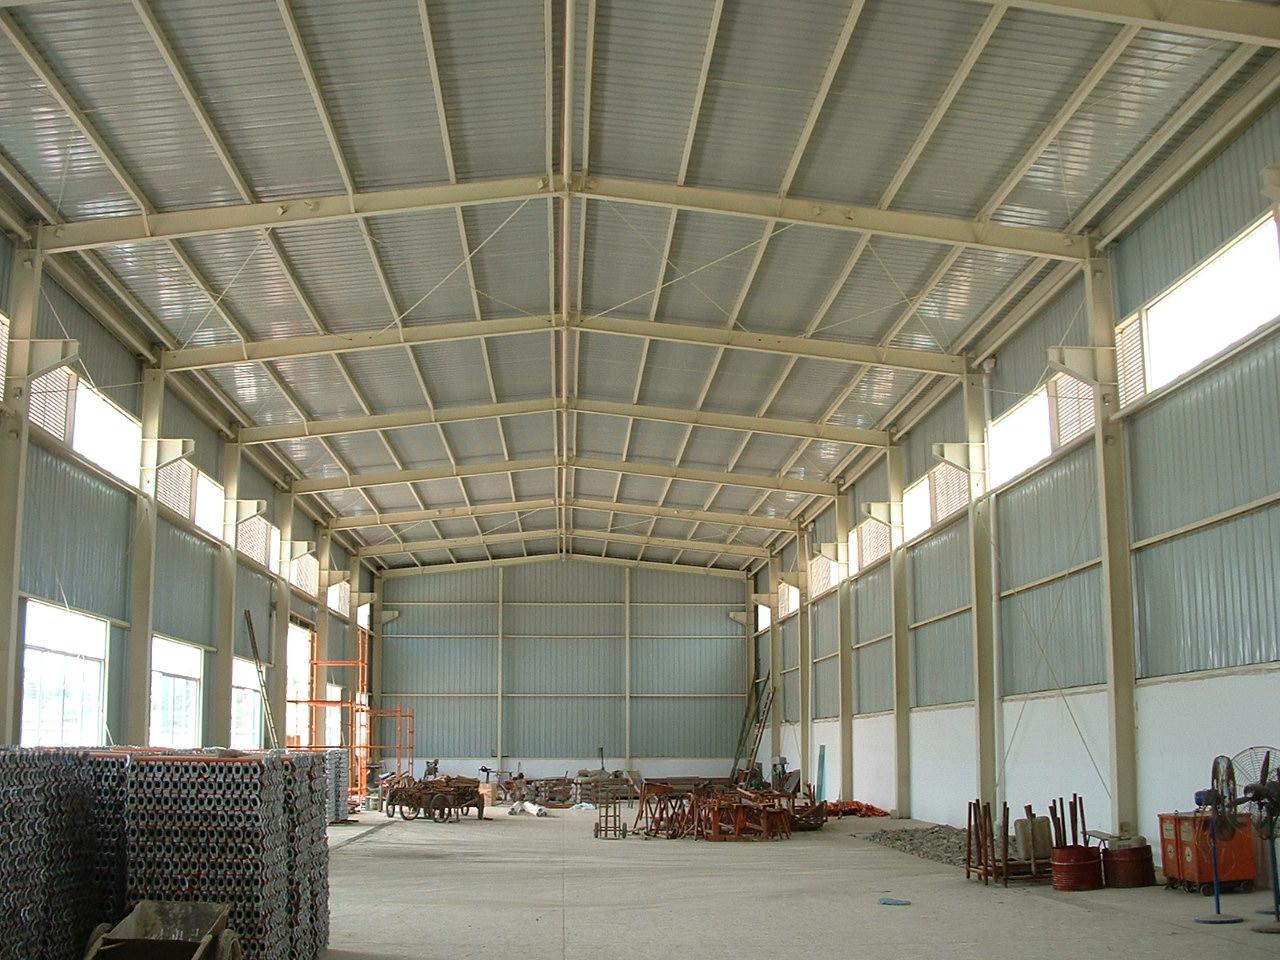 上海鸿怡彩钢结构有限公司 上海彩钢板 钢结构厂房 钢结构工程公司